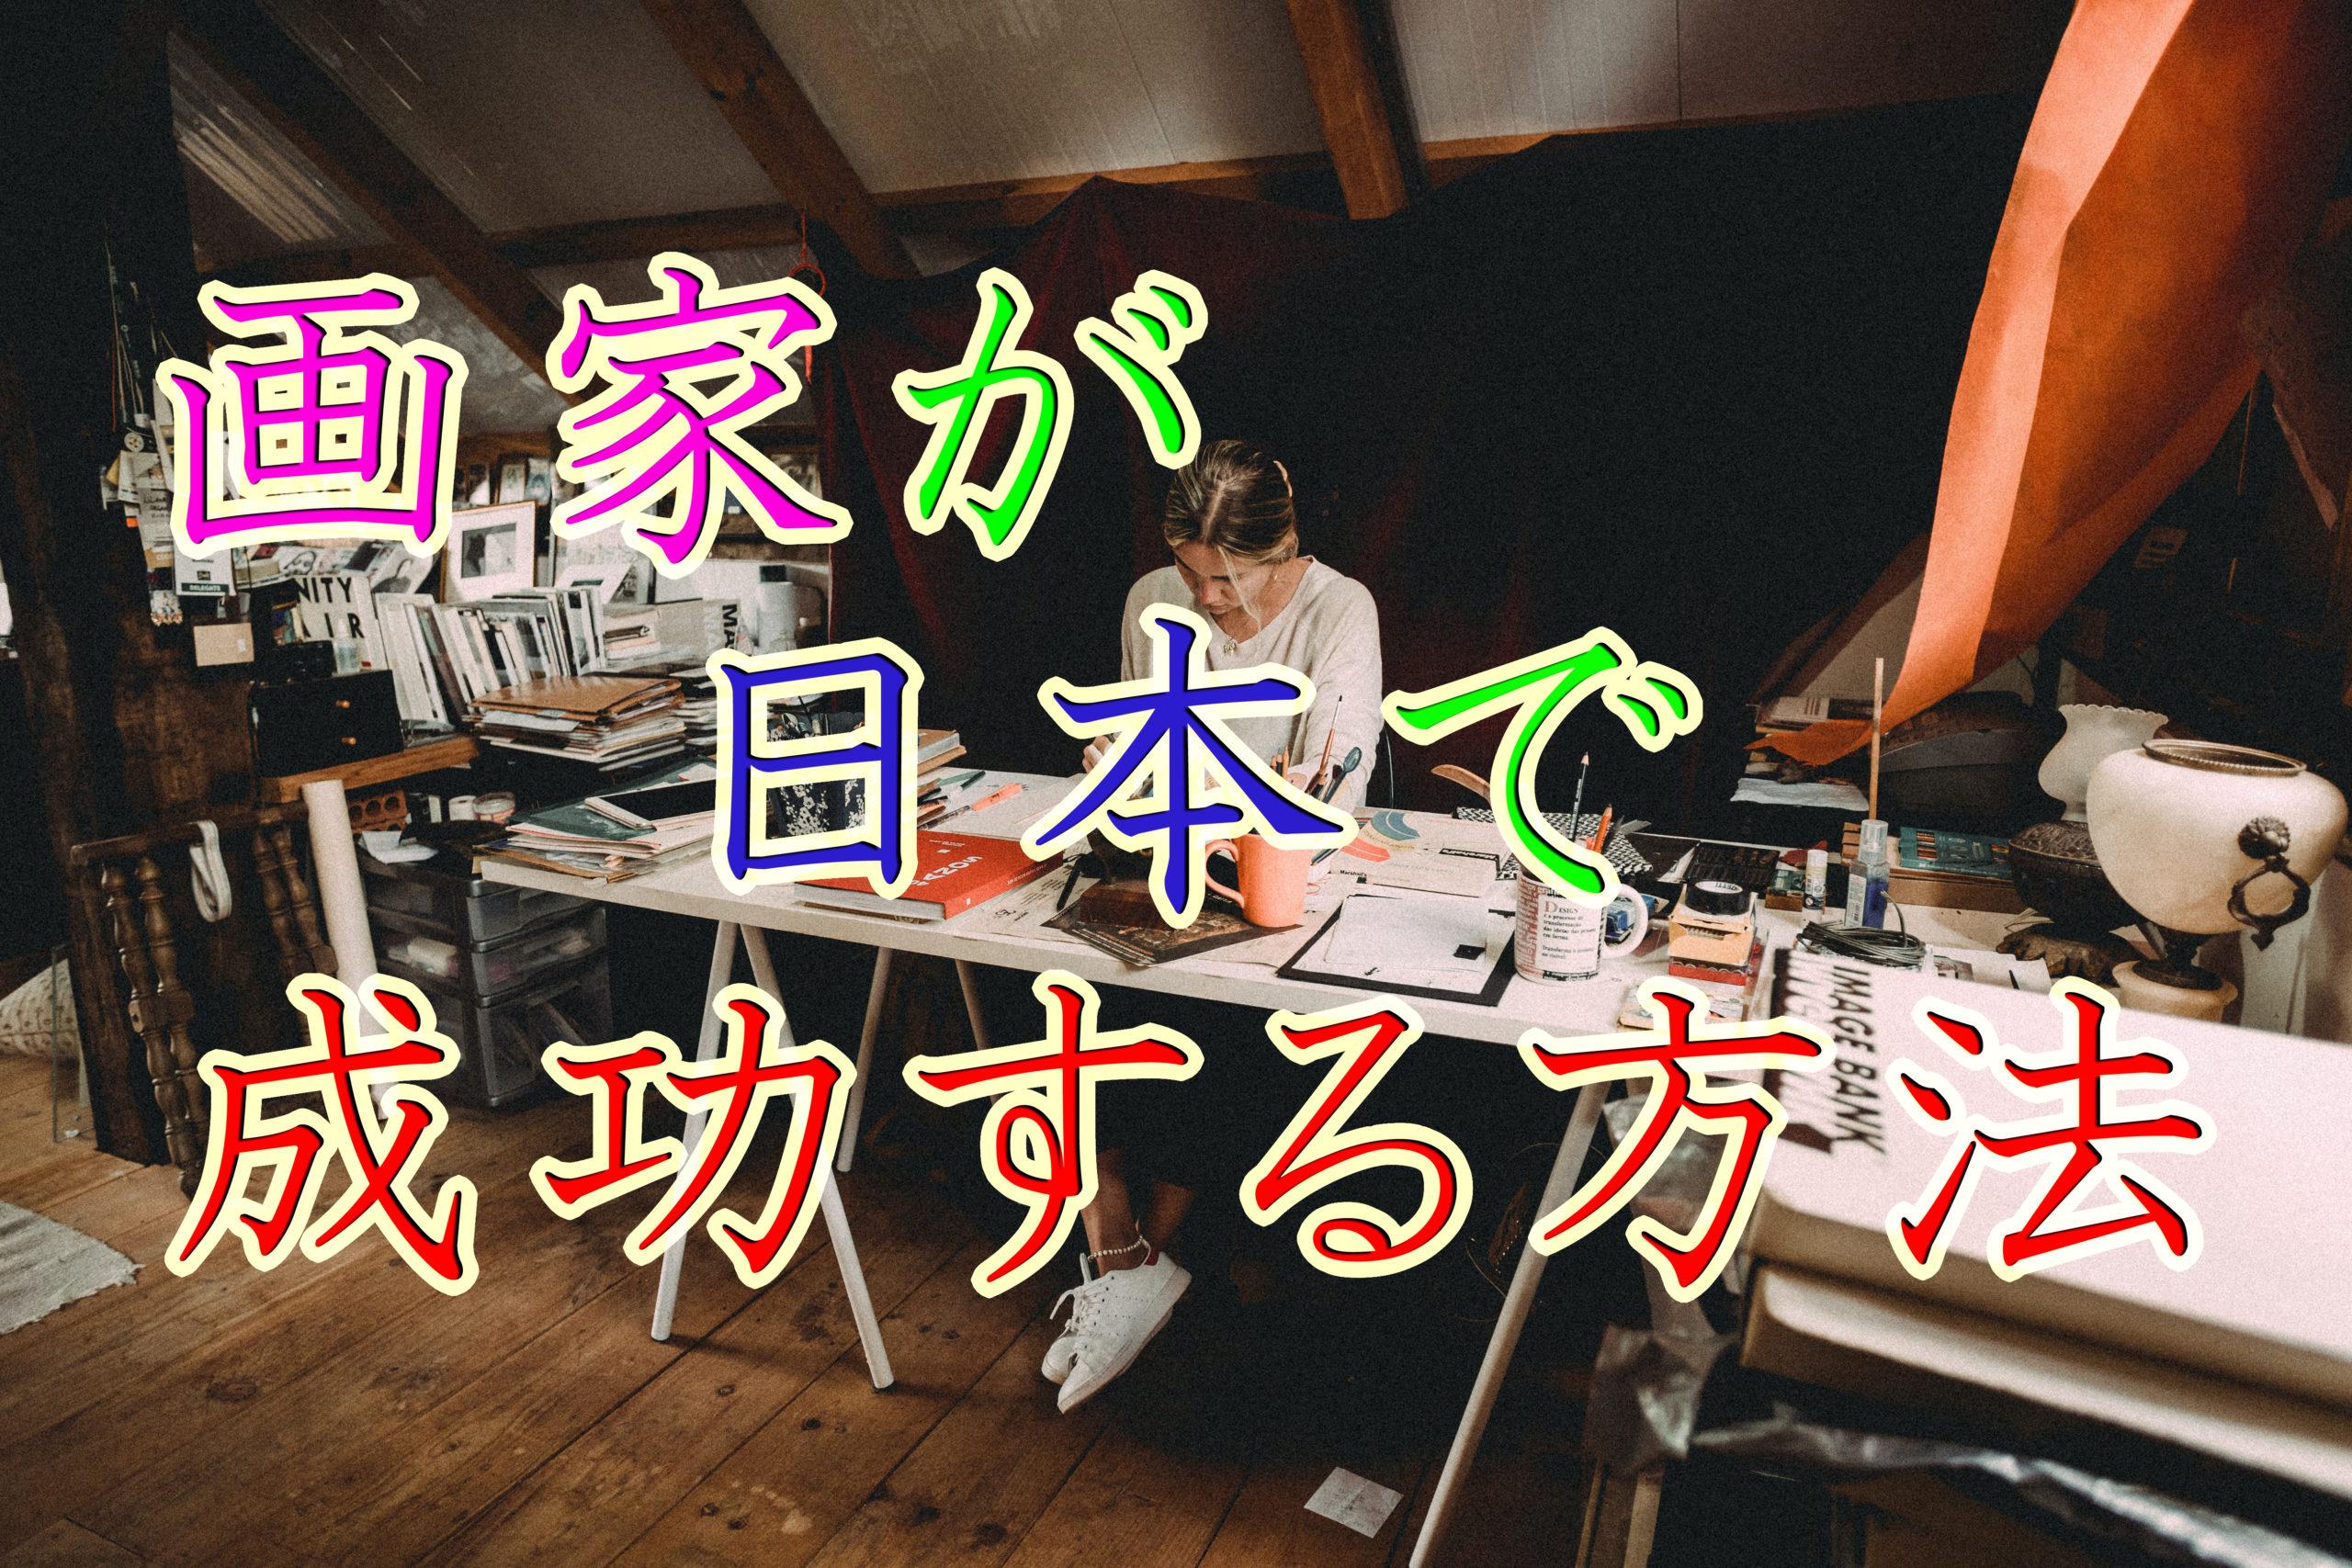 画家が日本で成功する方法【絵を描いて稼ぐハードルは低くなっている】